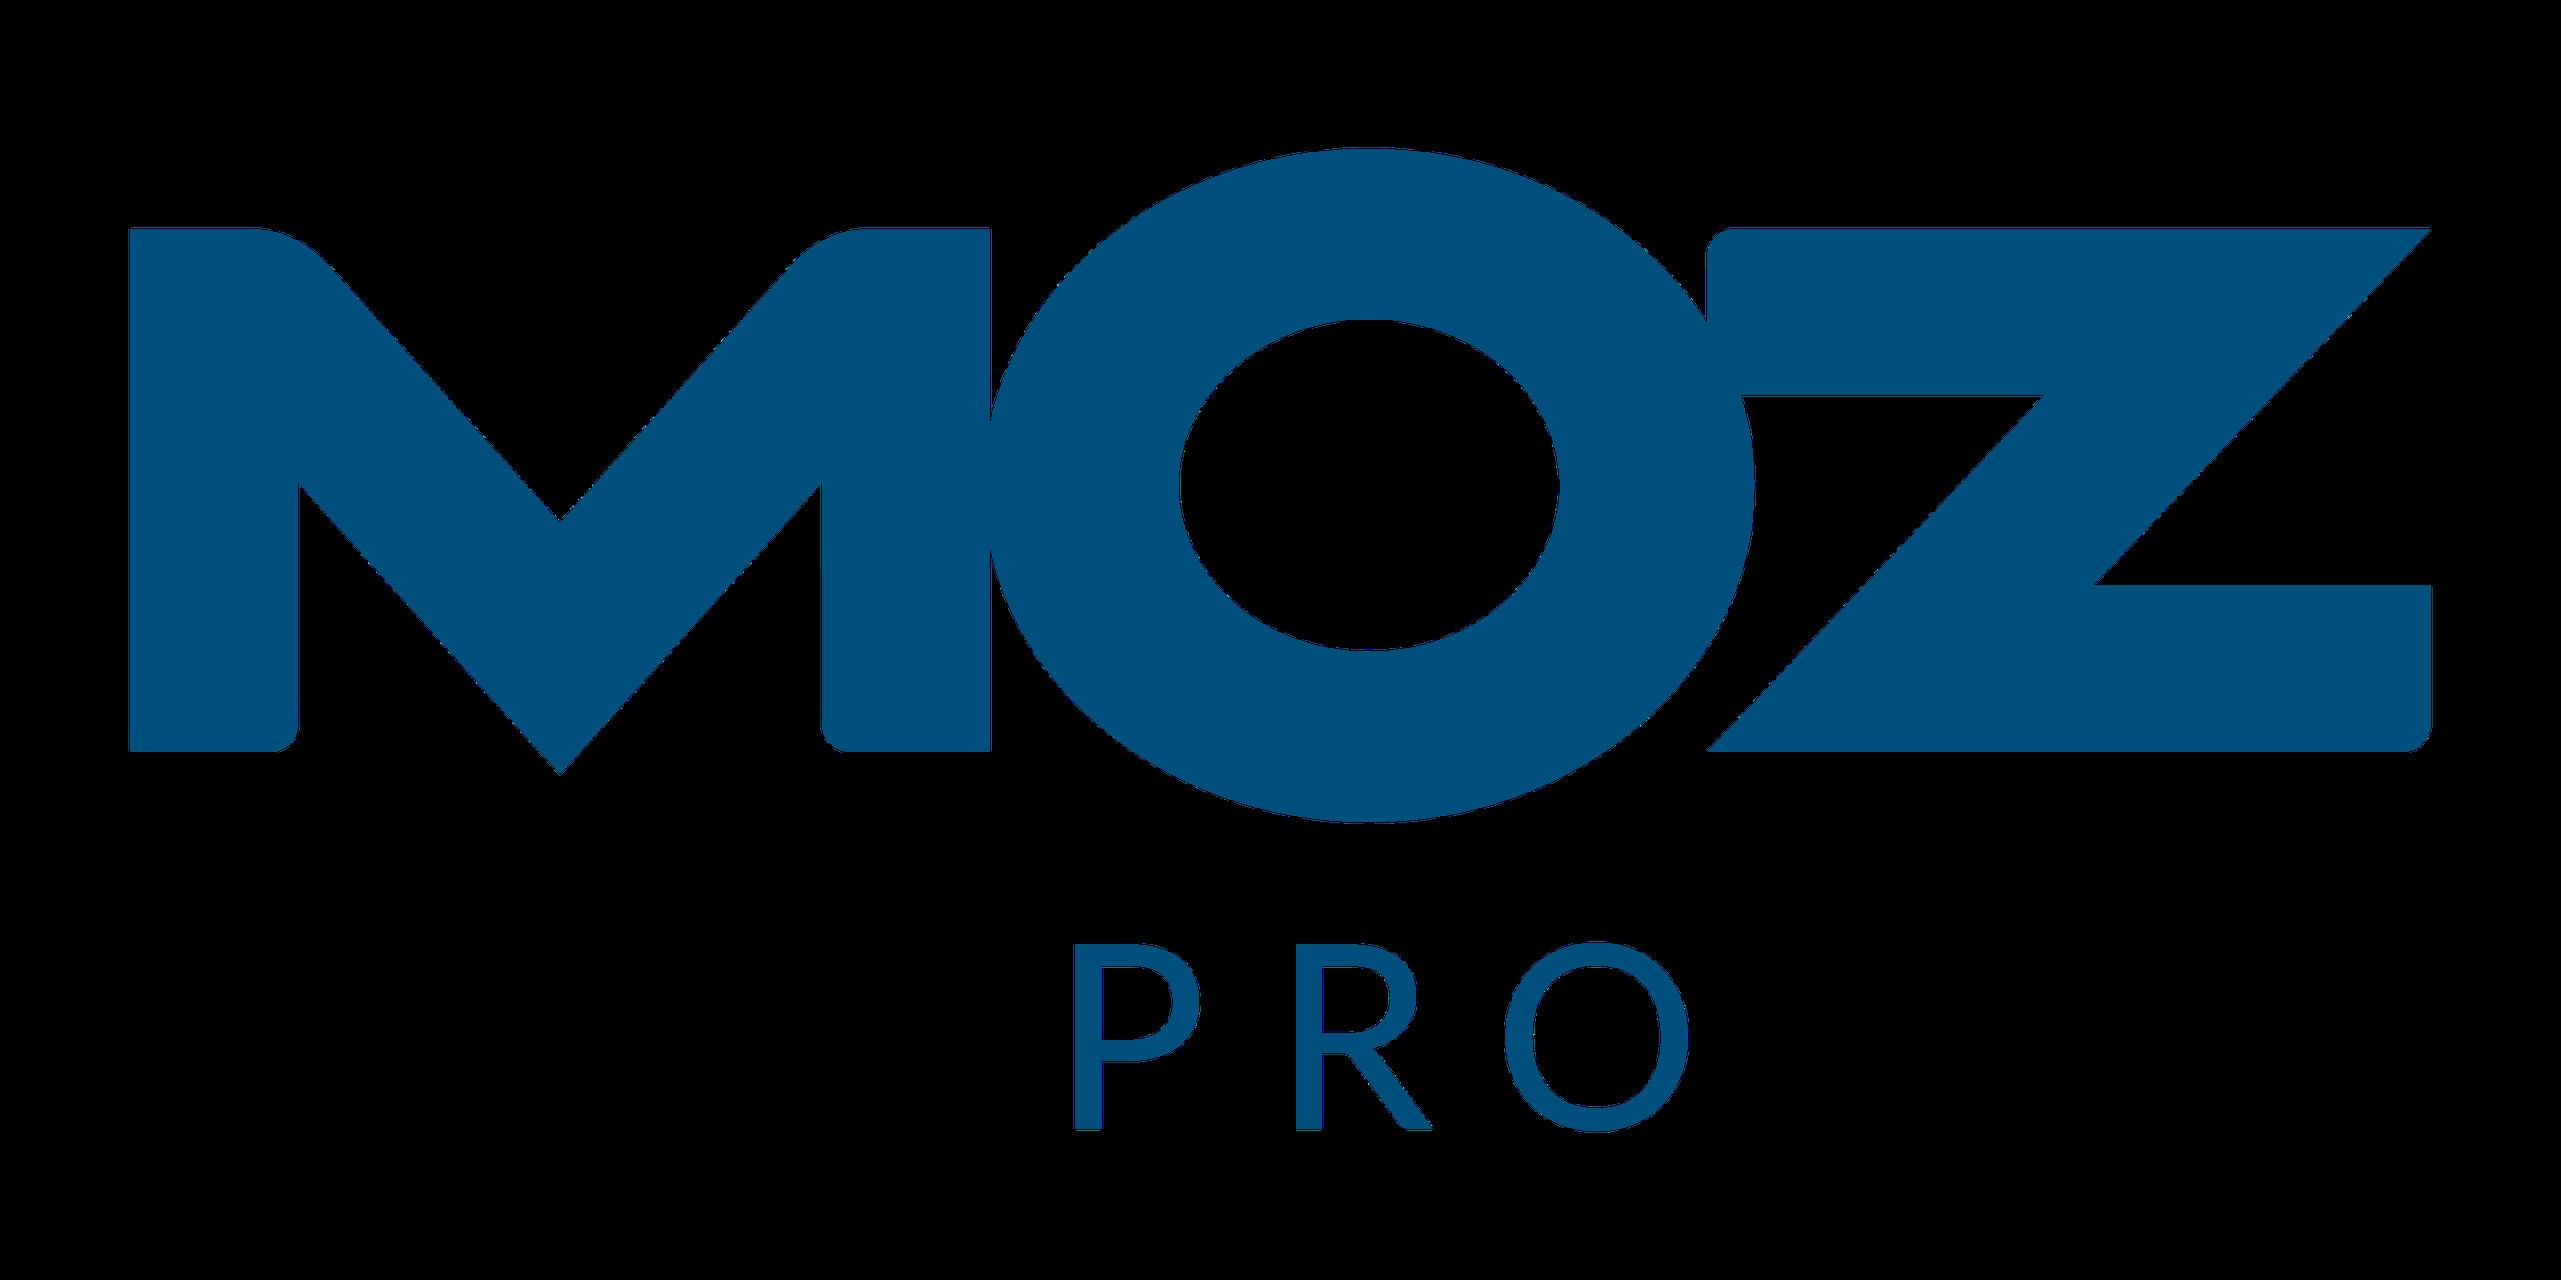 Moz Pro logo